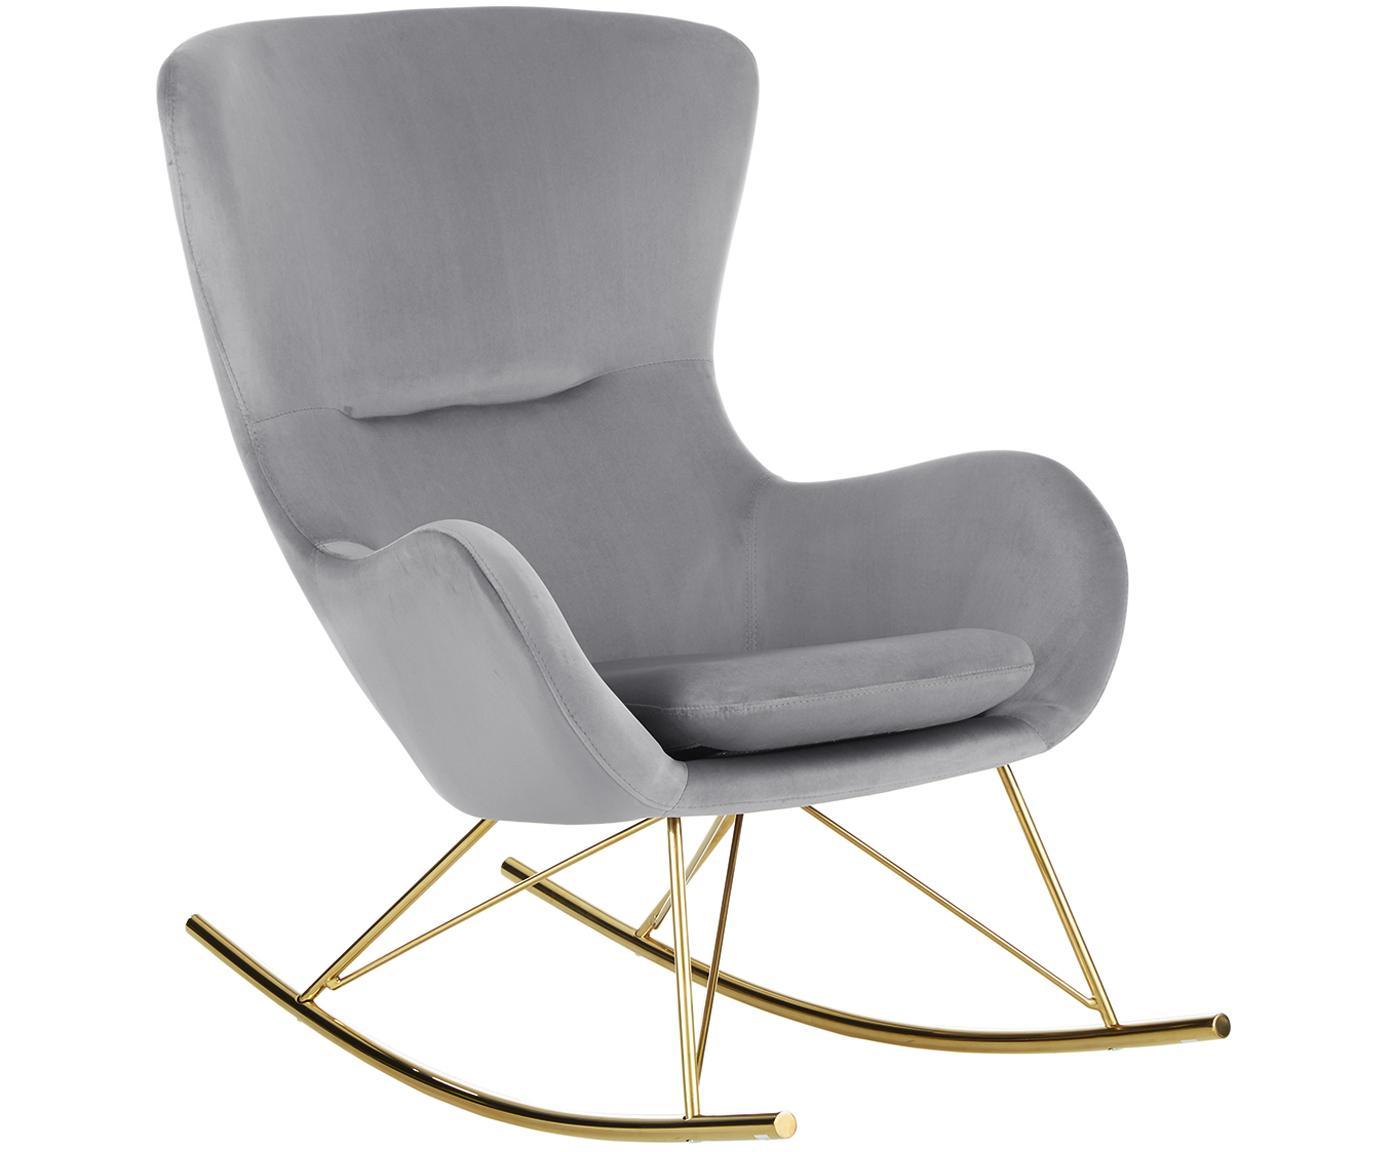 Fotel bujany  z aksamitu Wing, Tapicerka: aksamit (poliester) 1500, Stelaż: metal galwanizowany, Szary, S 77 x G 96 cm